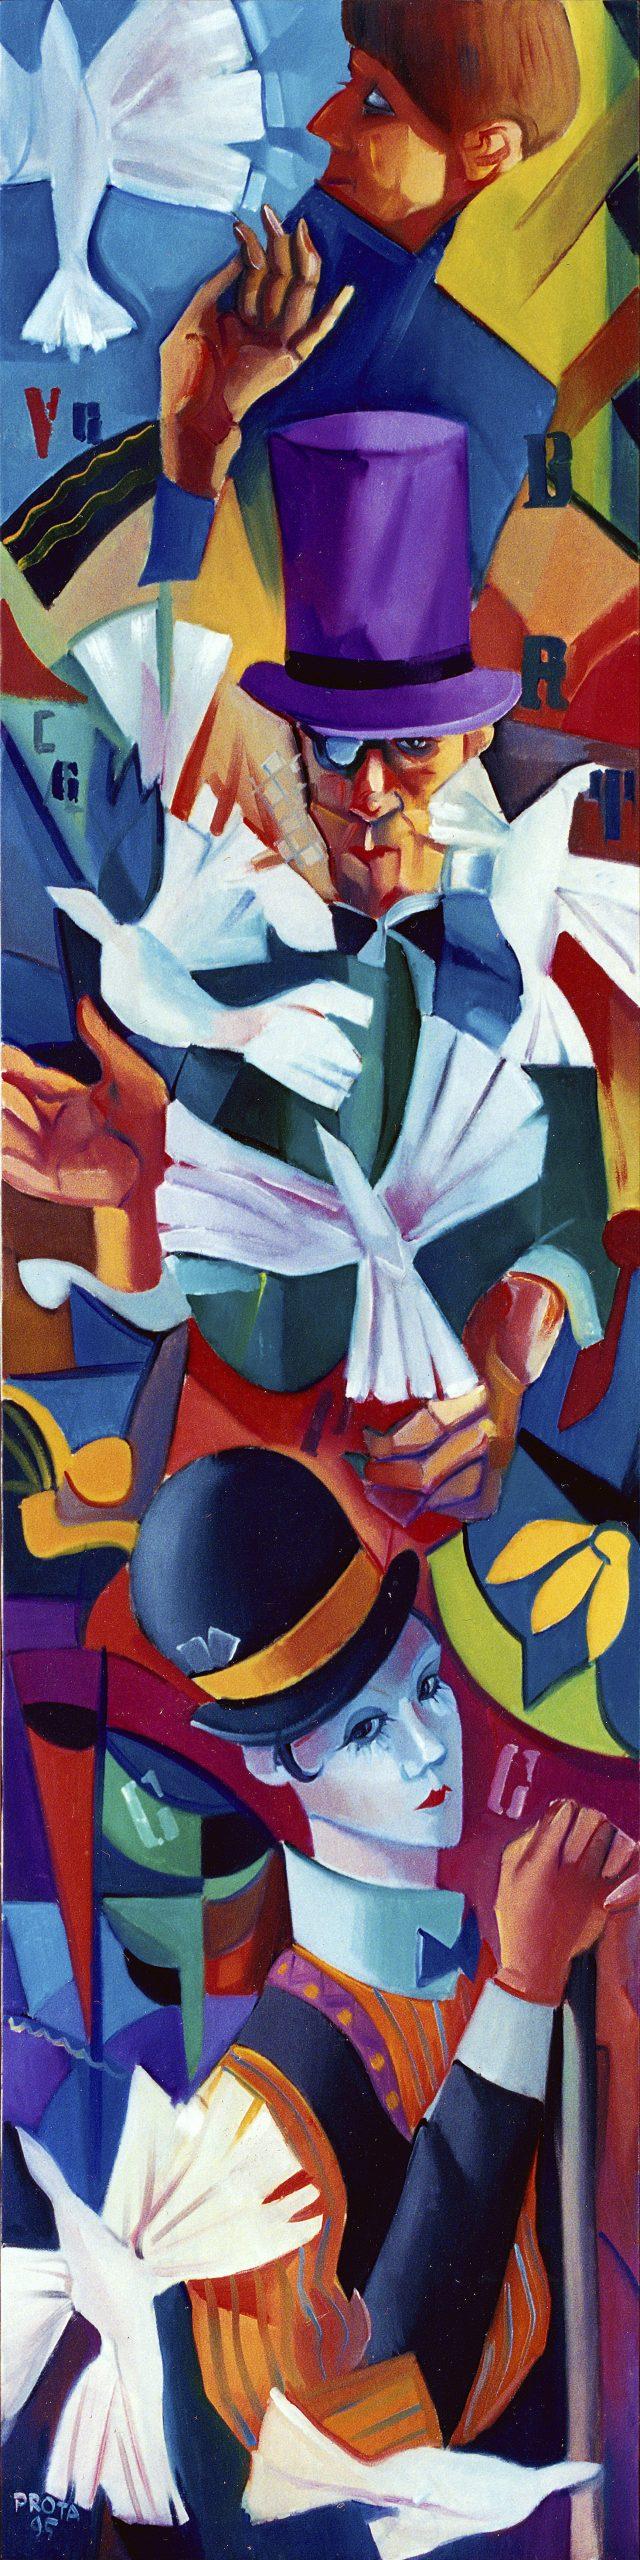 1995 - Illusionisti - 160x40 cm